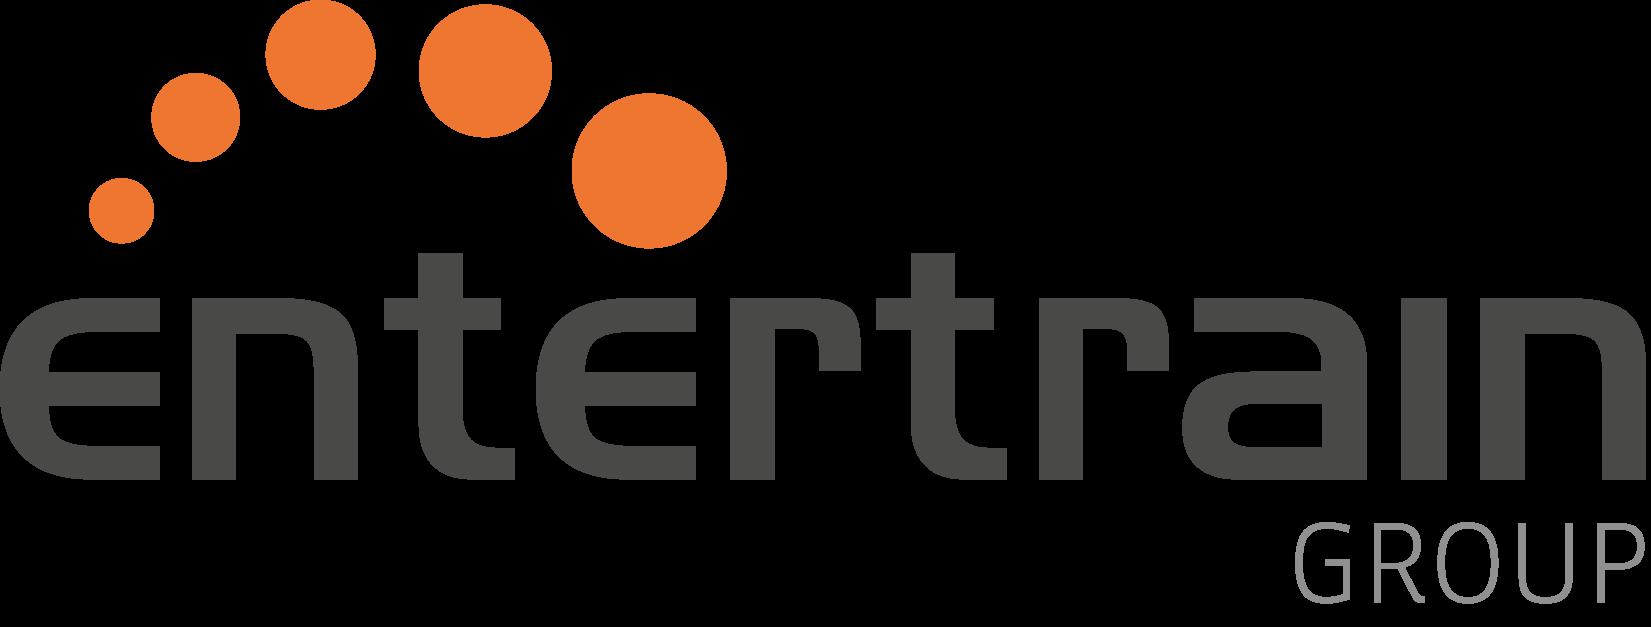 entertrain-logo-group